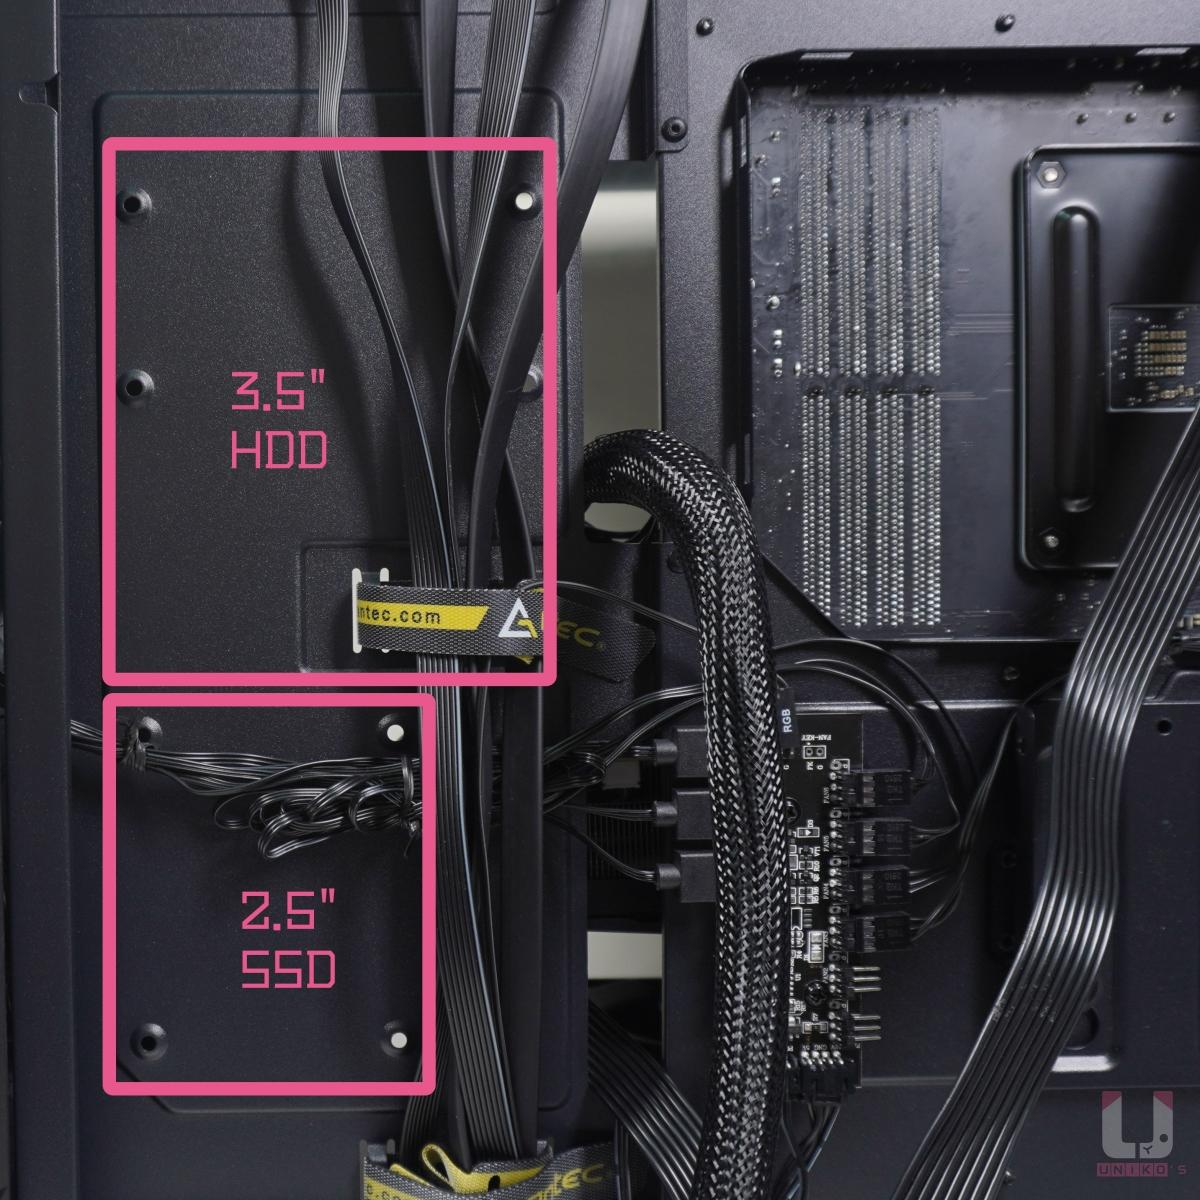 """側面可以安裝 3.5"""" HDD x 1、2.5"""" SSD x 1,這些都沒有快拆設計。"""